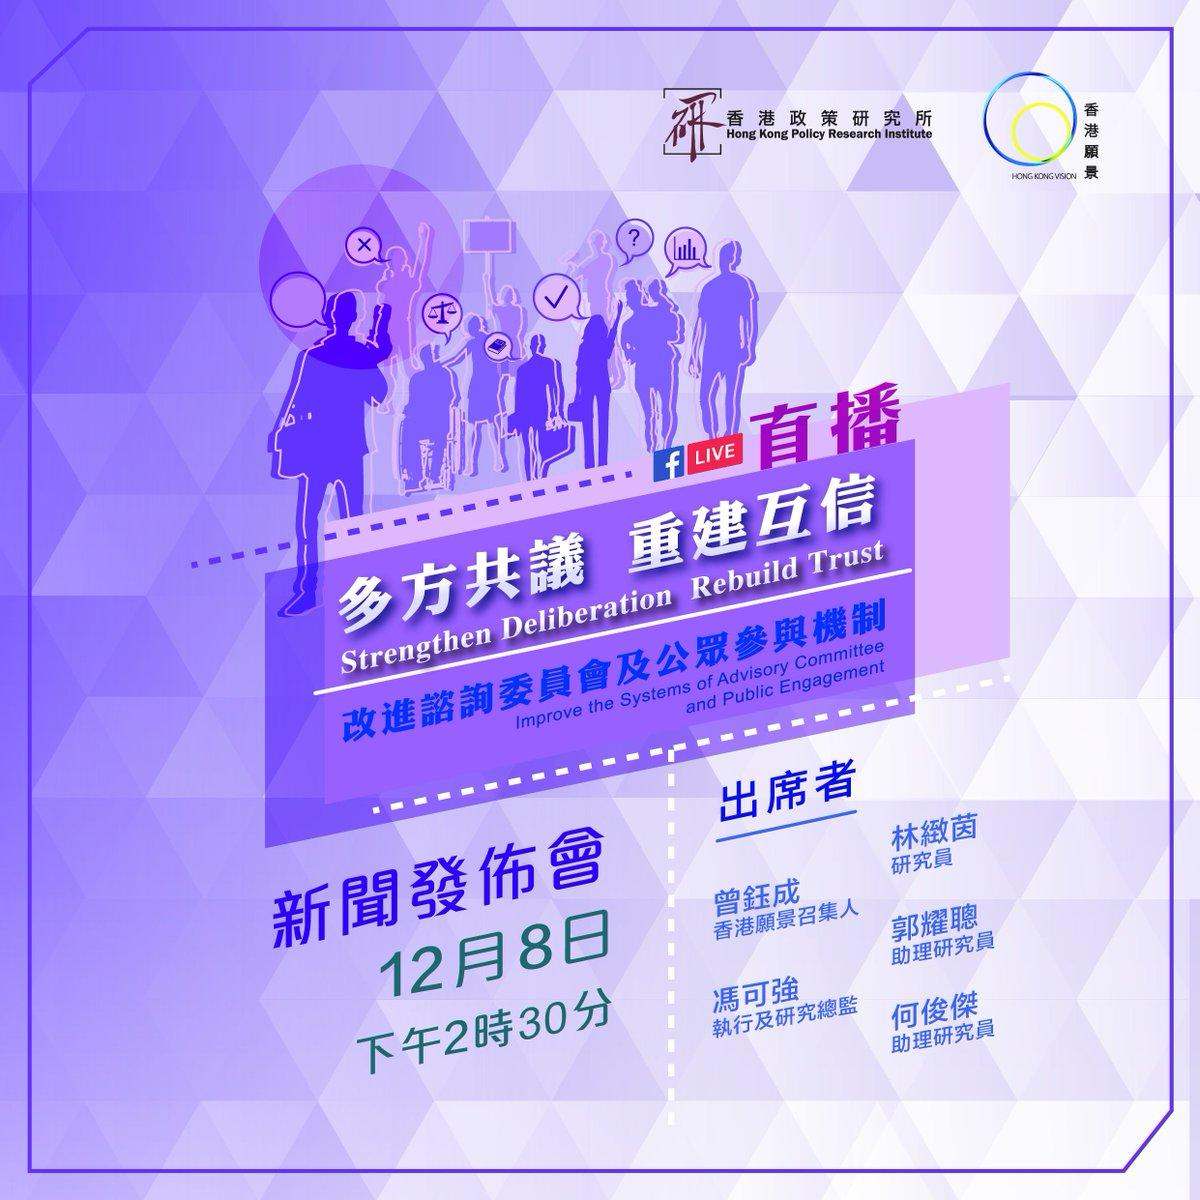 近年政策出台時往往引來很大的爭議,香港願景計劃根據政府以往施政的諮詢方式進行研究,並於明天,12月8日下午2時30分舉行《多方共議  重建互信--改進諮詢委員會及公眾參與機制》新聞發佈會。專頁 (https://t.co/INrti8hxXp) 會為大家足本直播。  #香港願景 https://t.co/895CEfBaNK